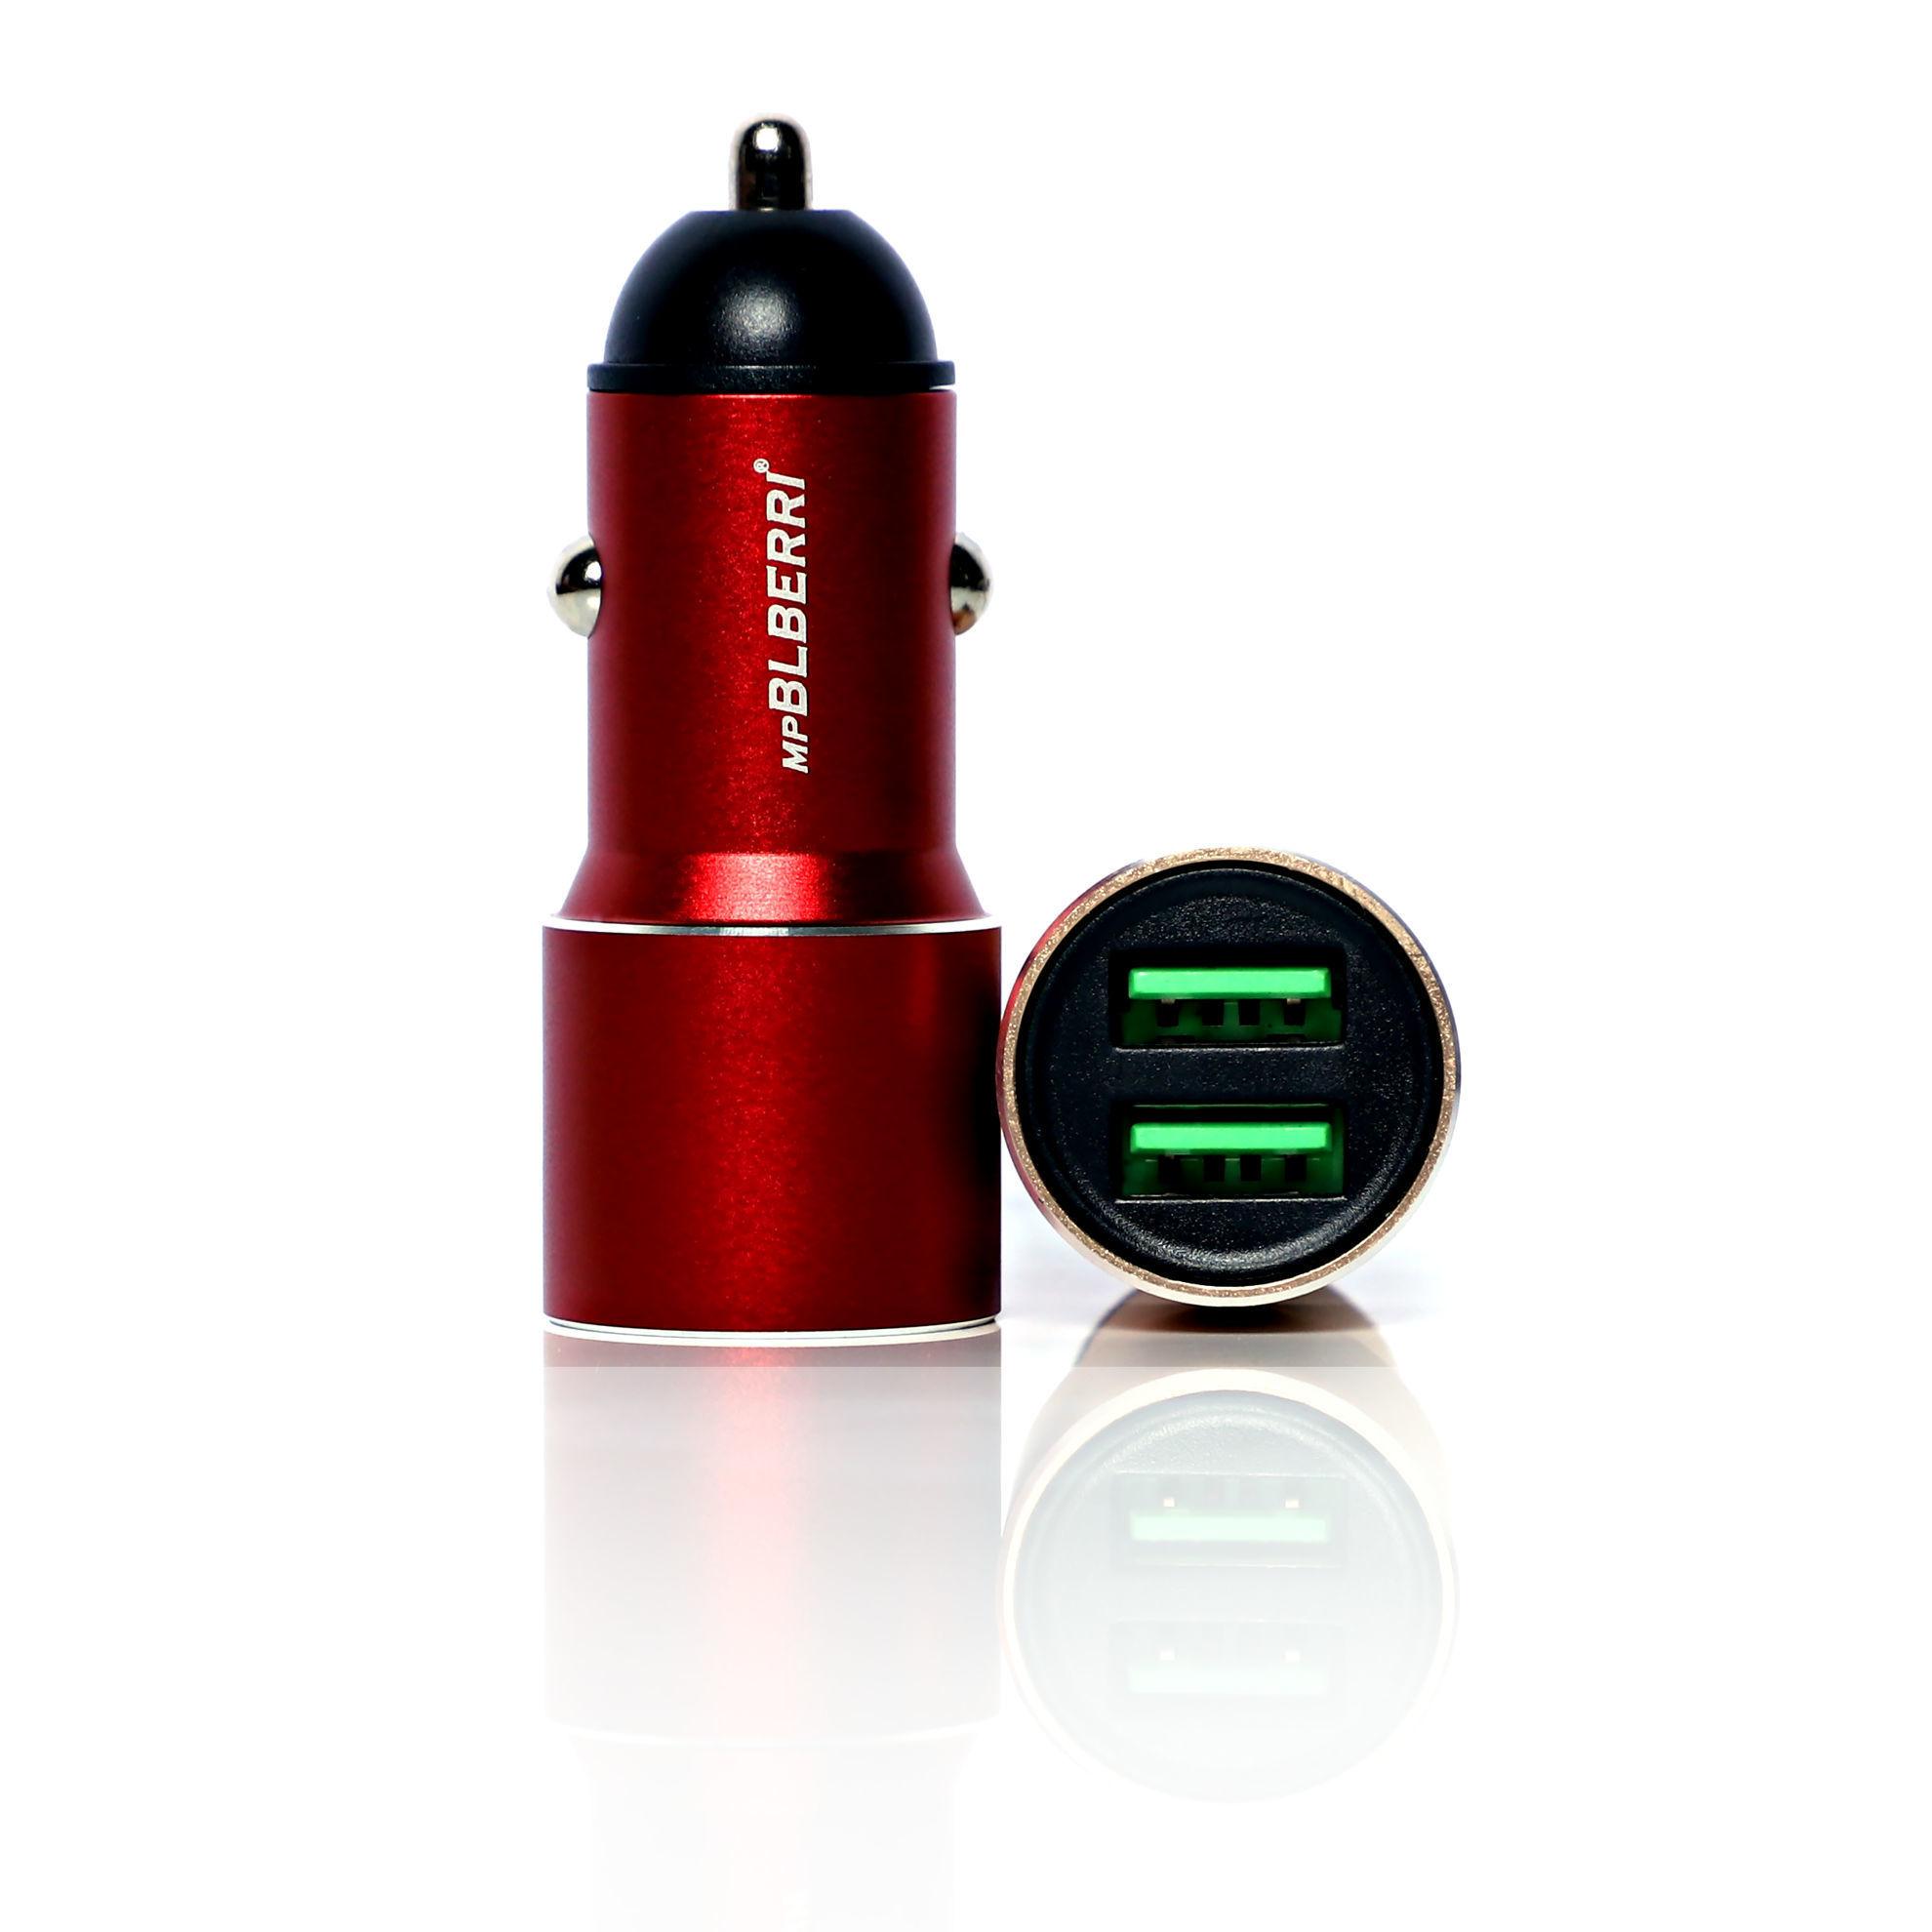 خرید شارژر فندکی ماشین